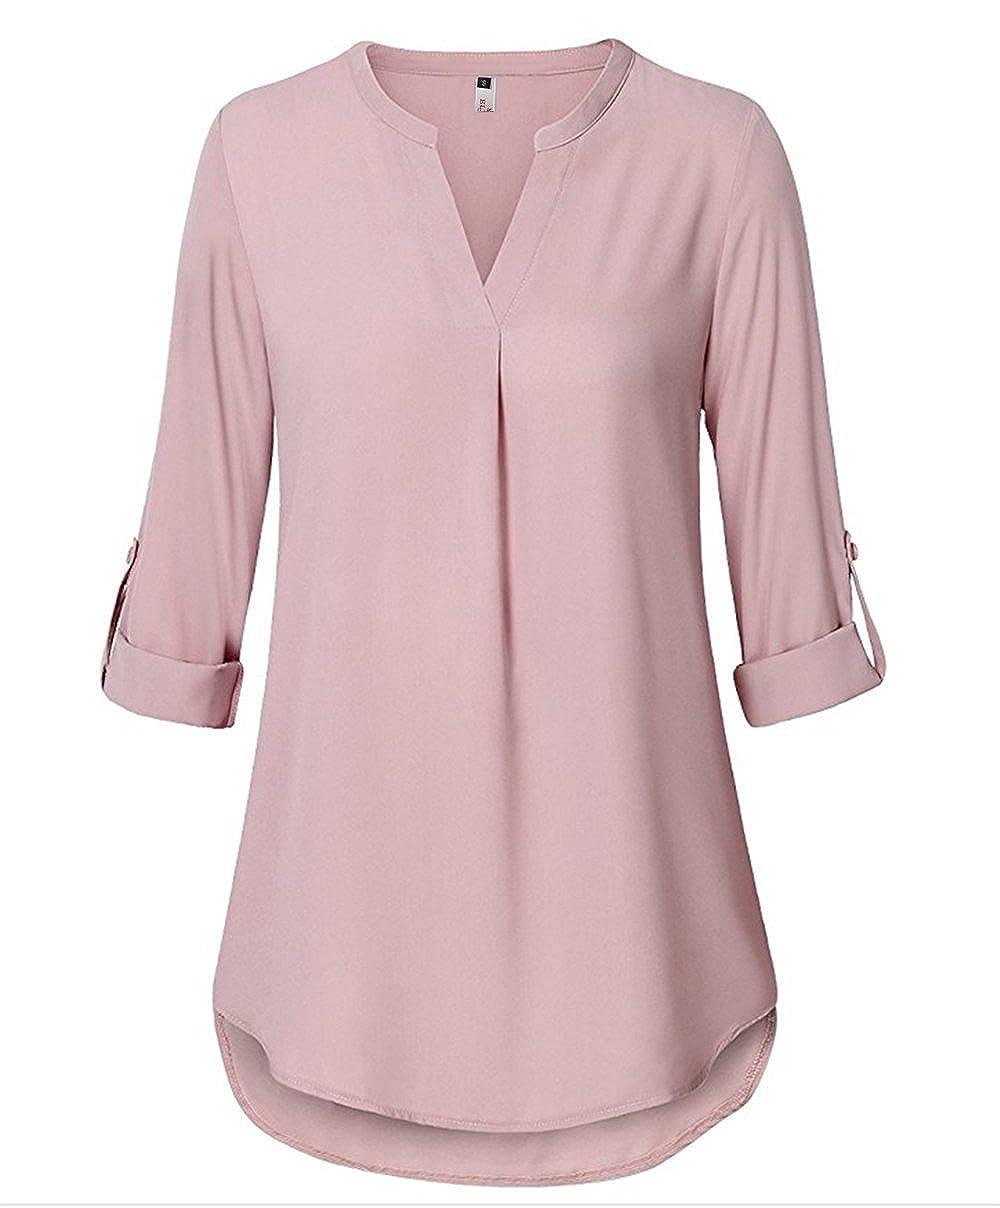 ELFIN Damen Große Größen Freizeit Lange Ärmel V-Ausschnitt Chiffon Bluse Locker Shirt Elegante Frauen Tunika Tops Oberteile B7062-DE